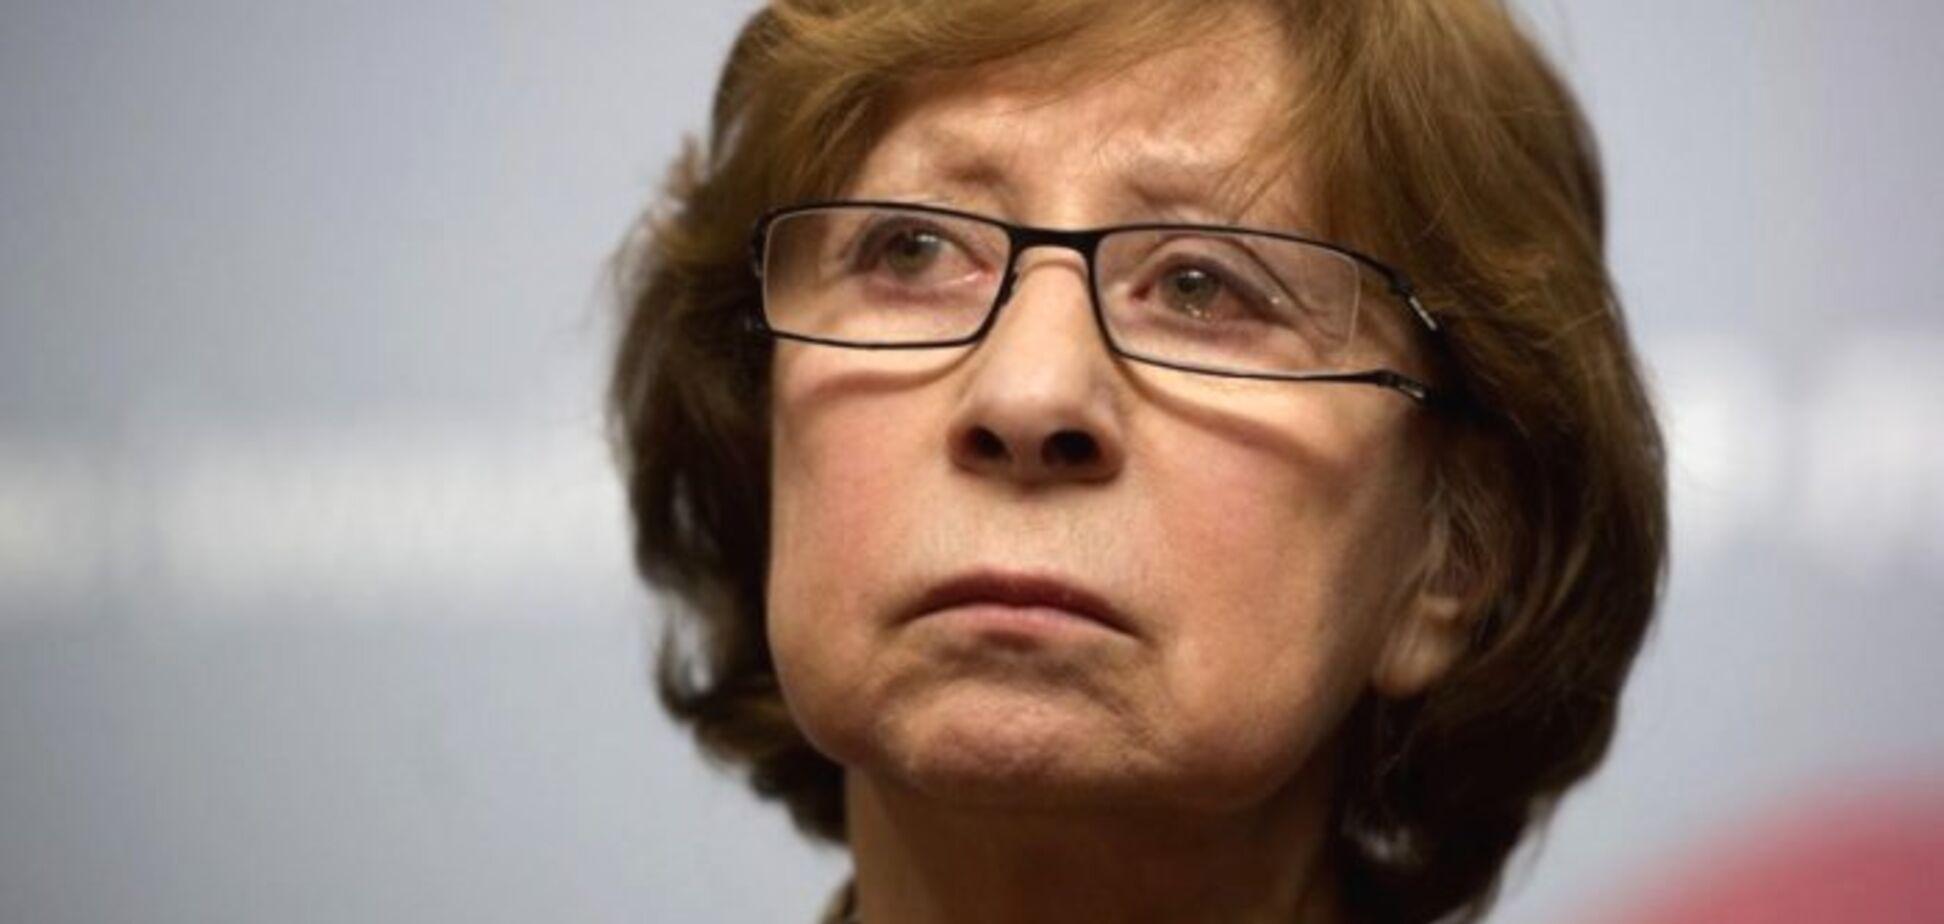 Ахеджакова ответила на предложение лишать работы критикующих Россию артистов